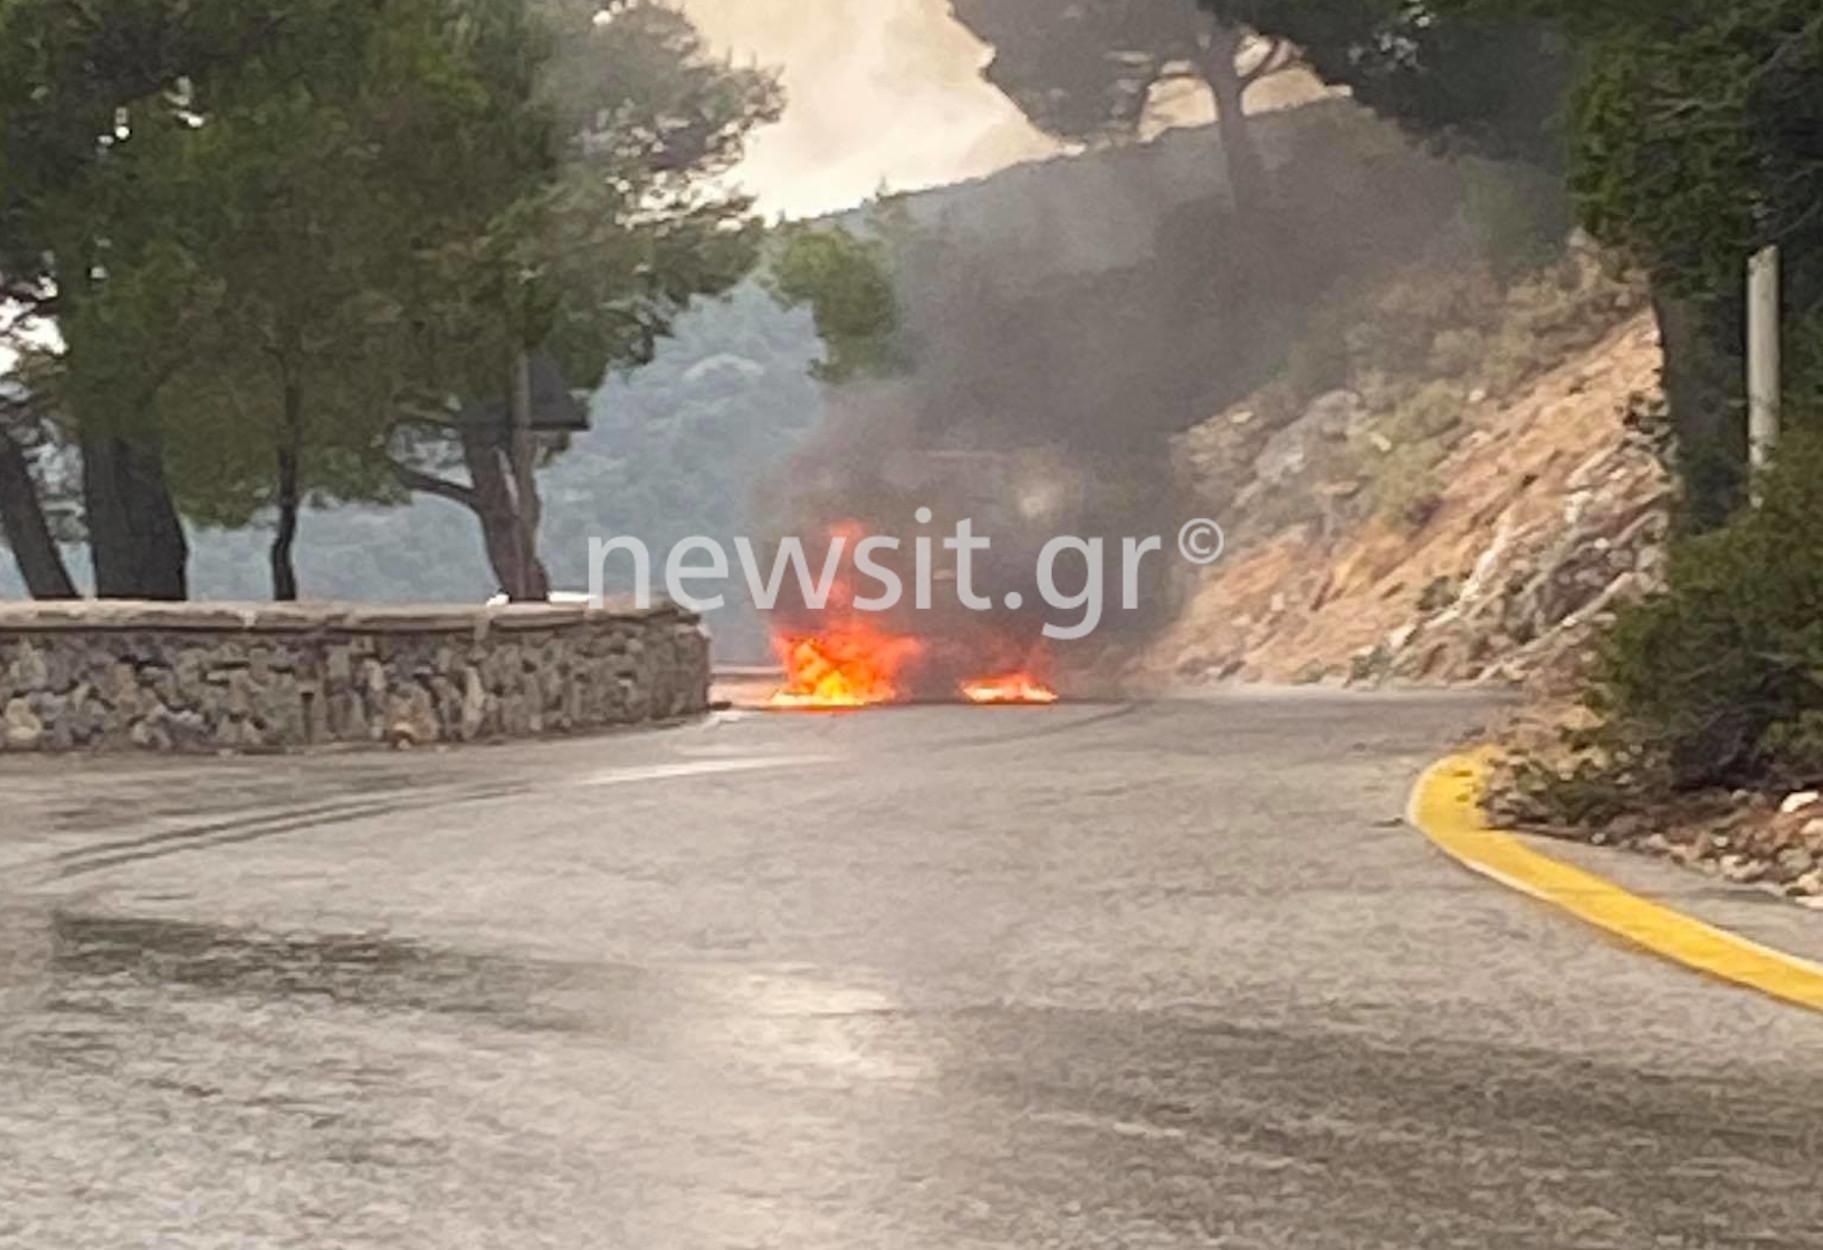 Φωτιά σε όχημα της Πολεμικής Αεροπορίας στην Πάρνηθα! (pics, video)